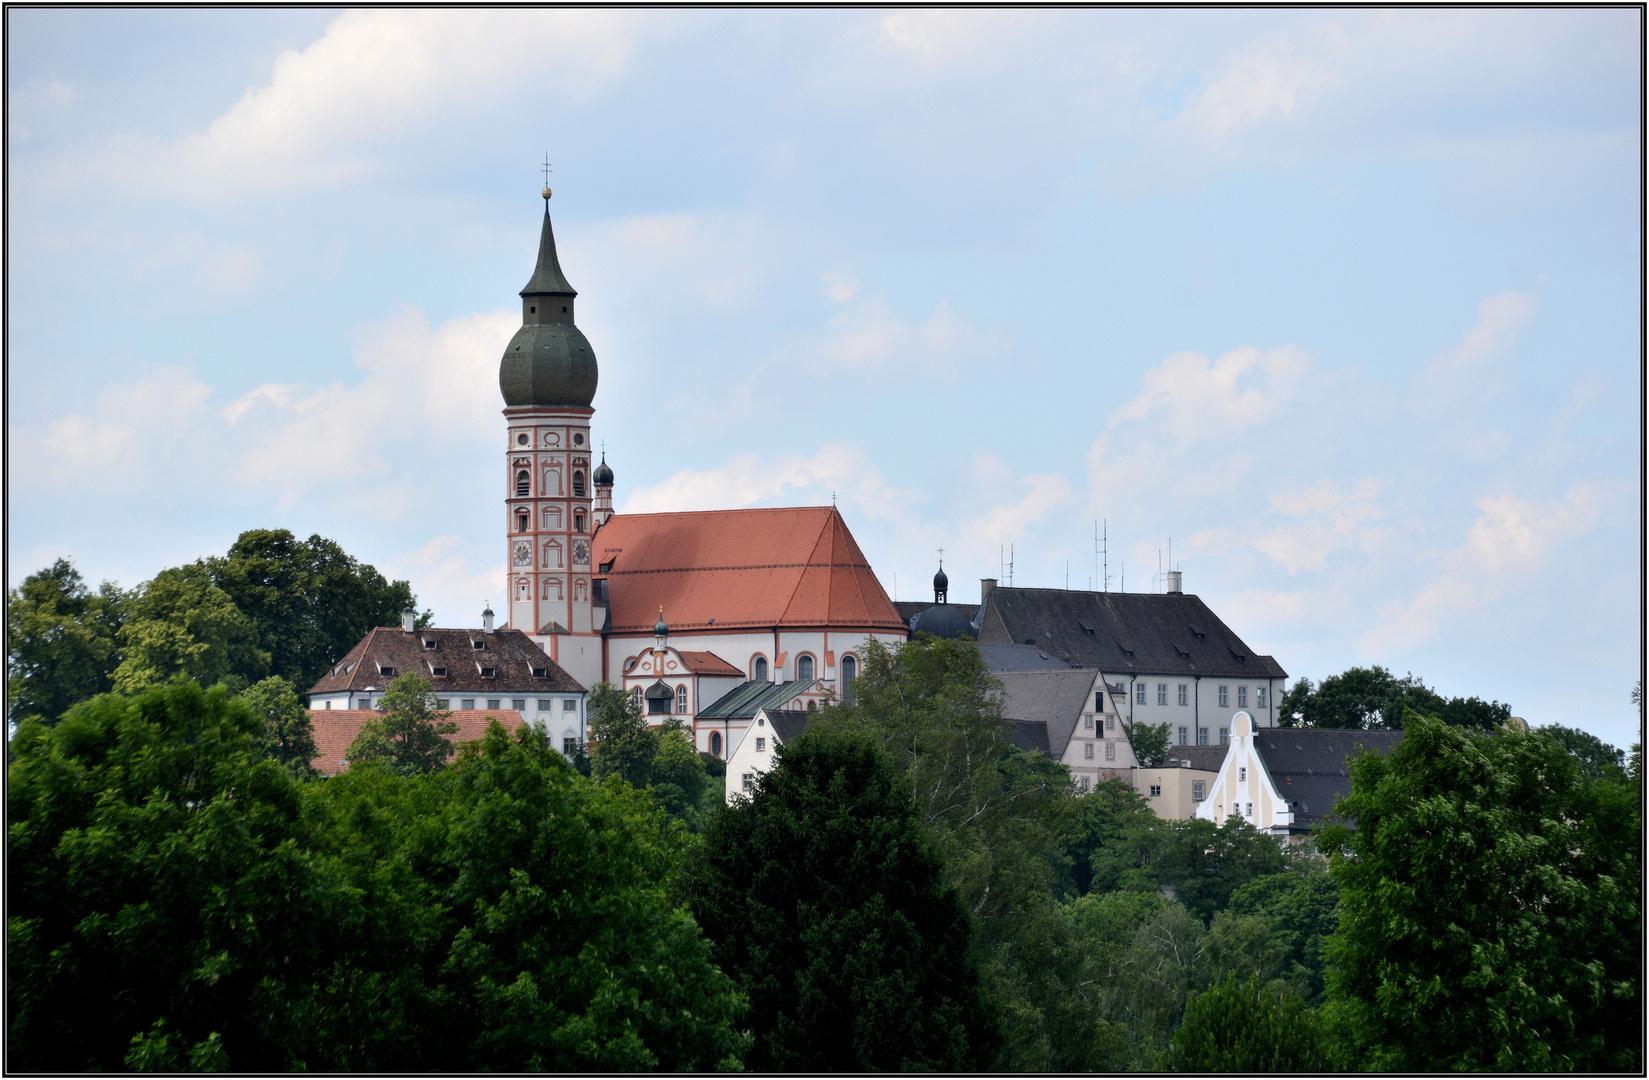 Kloster Andechs (1)